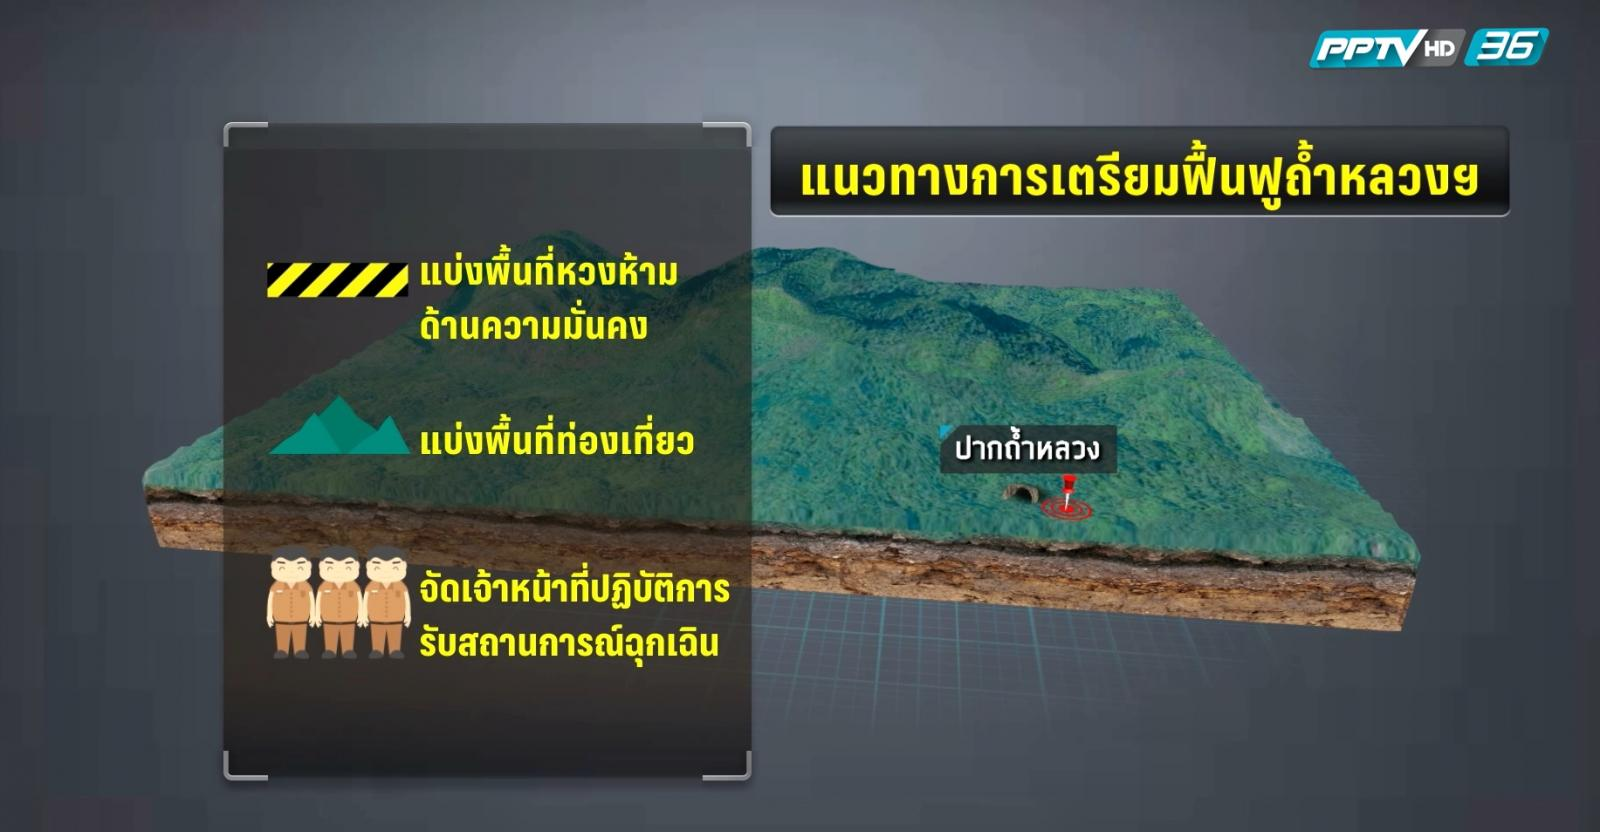 """เปิดแผนกรมอุทยานฯฟื้นฟู """"ถ้ำหลวง"""" หลังจบภารกิจช่วยทีมหมูป่า 13 ชีวิต"""